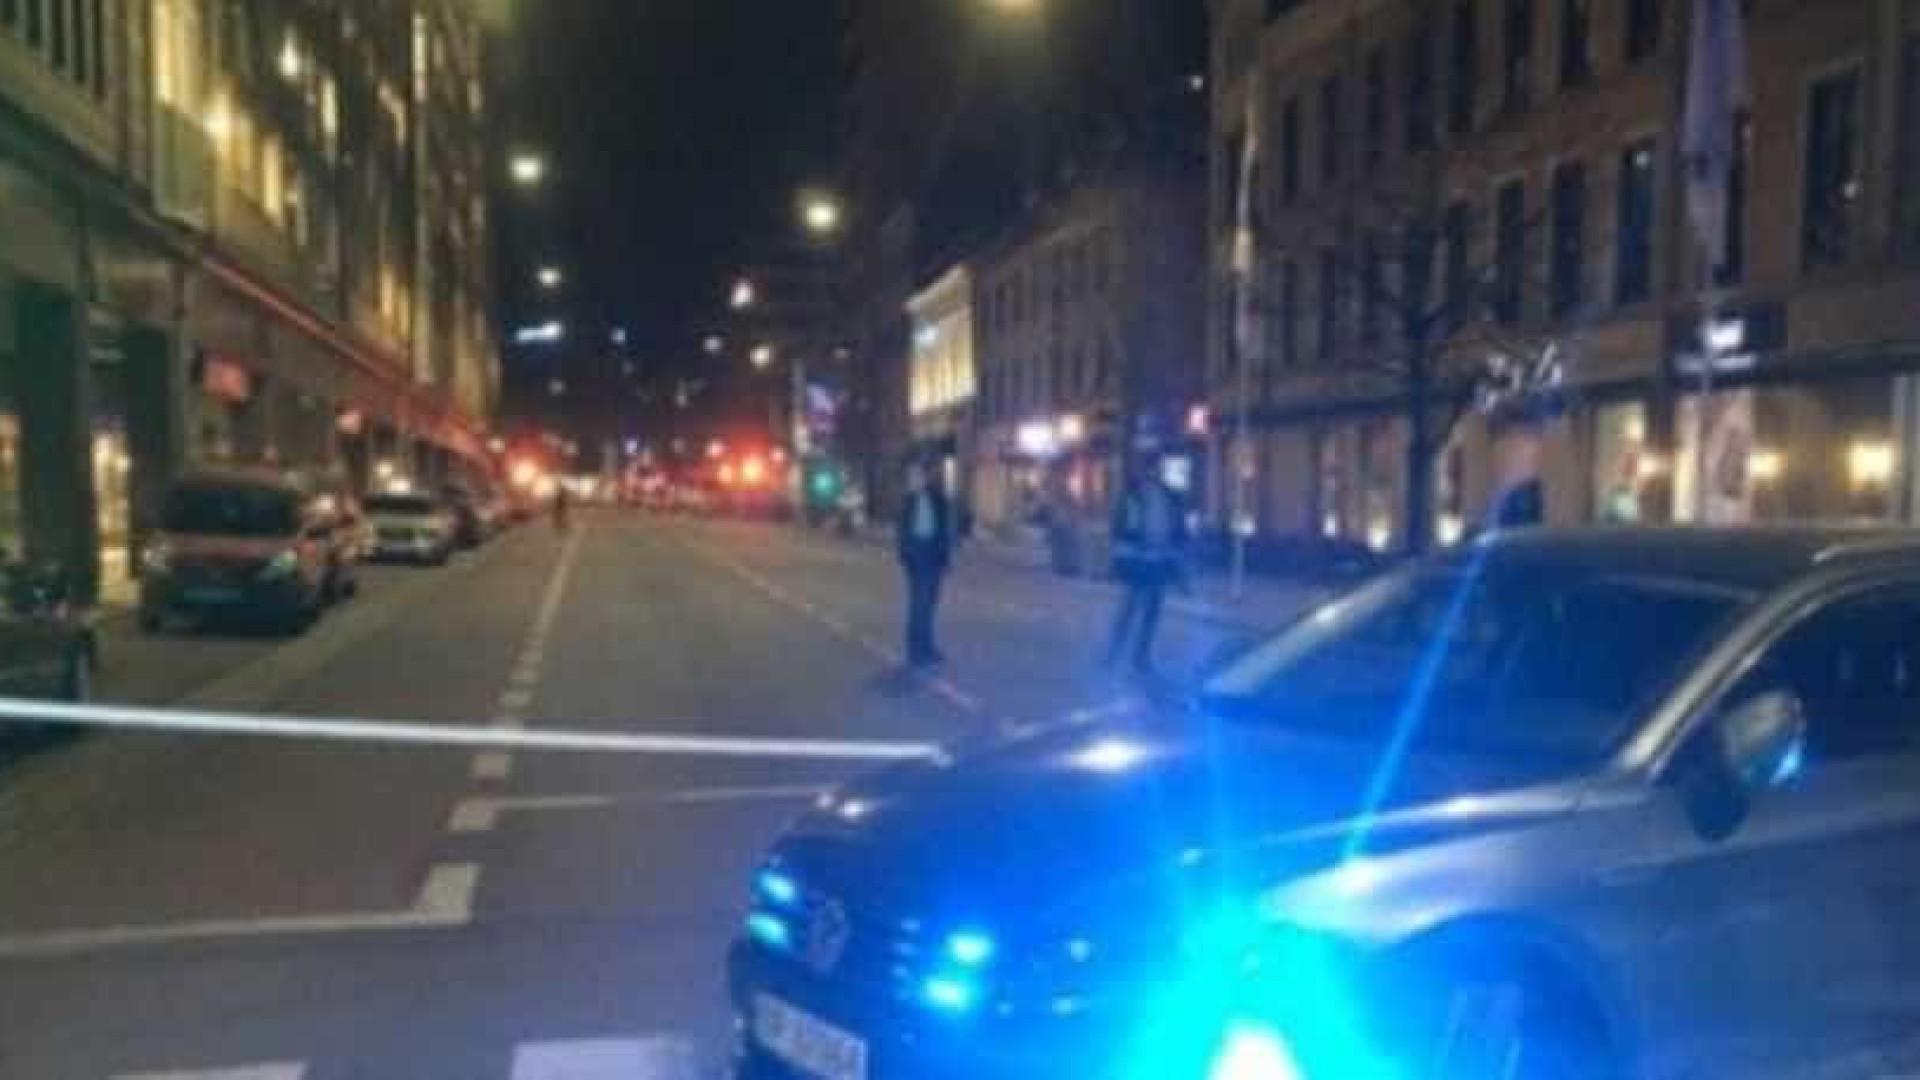 Engenho explosivo encontrado no centro da capital da Noruega